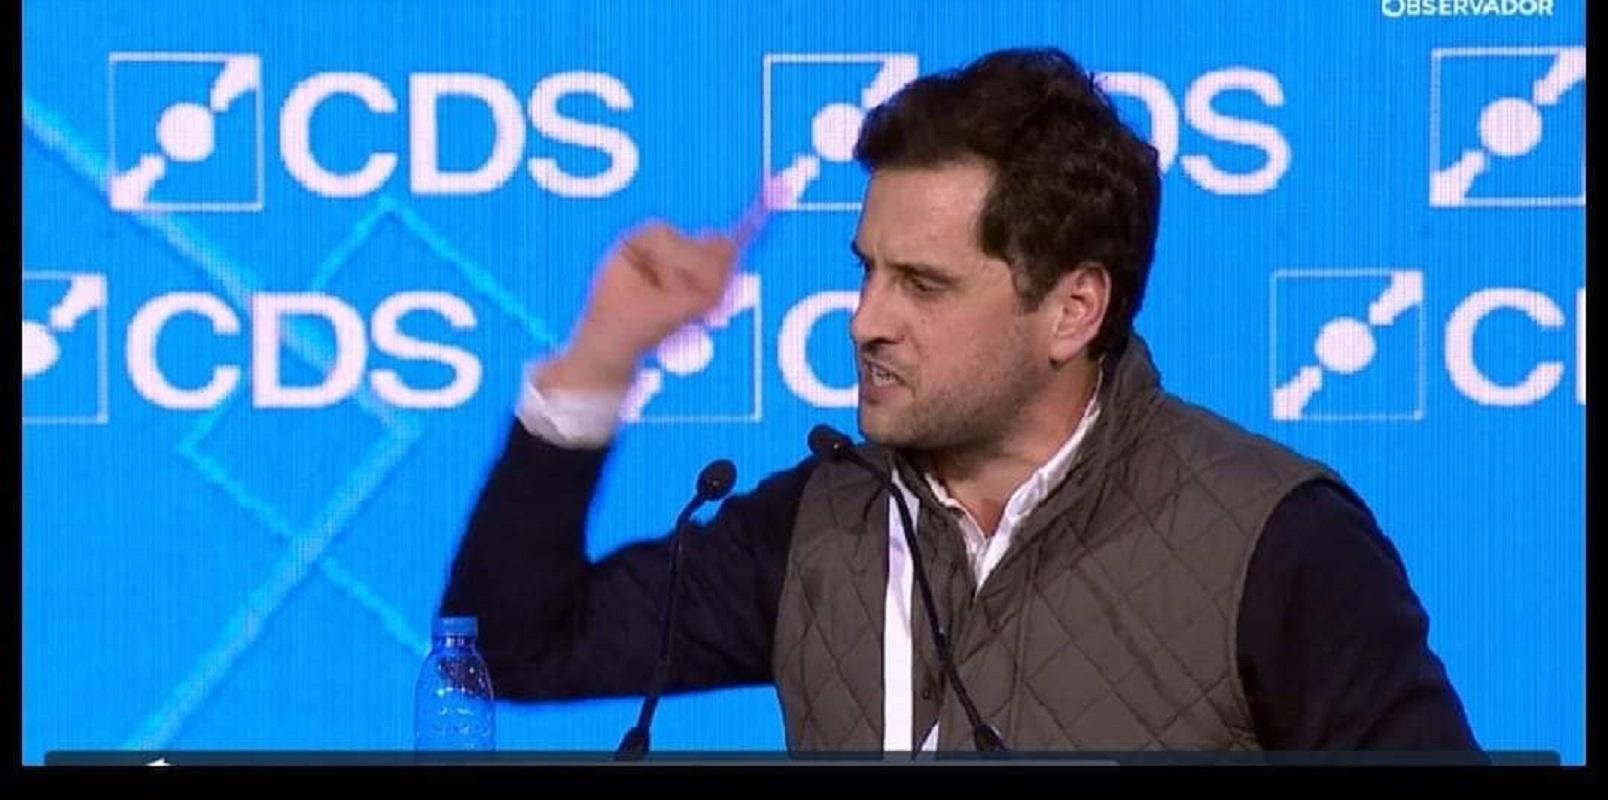 COM VÍDEO : Carlos Meira é candidato à liderança do CDS-PP